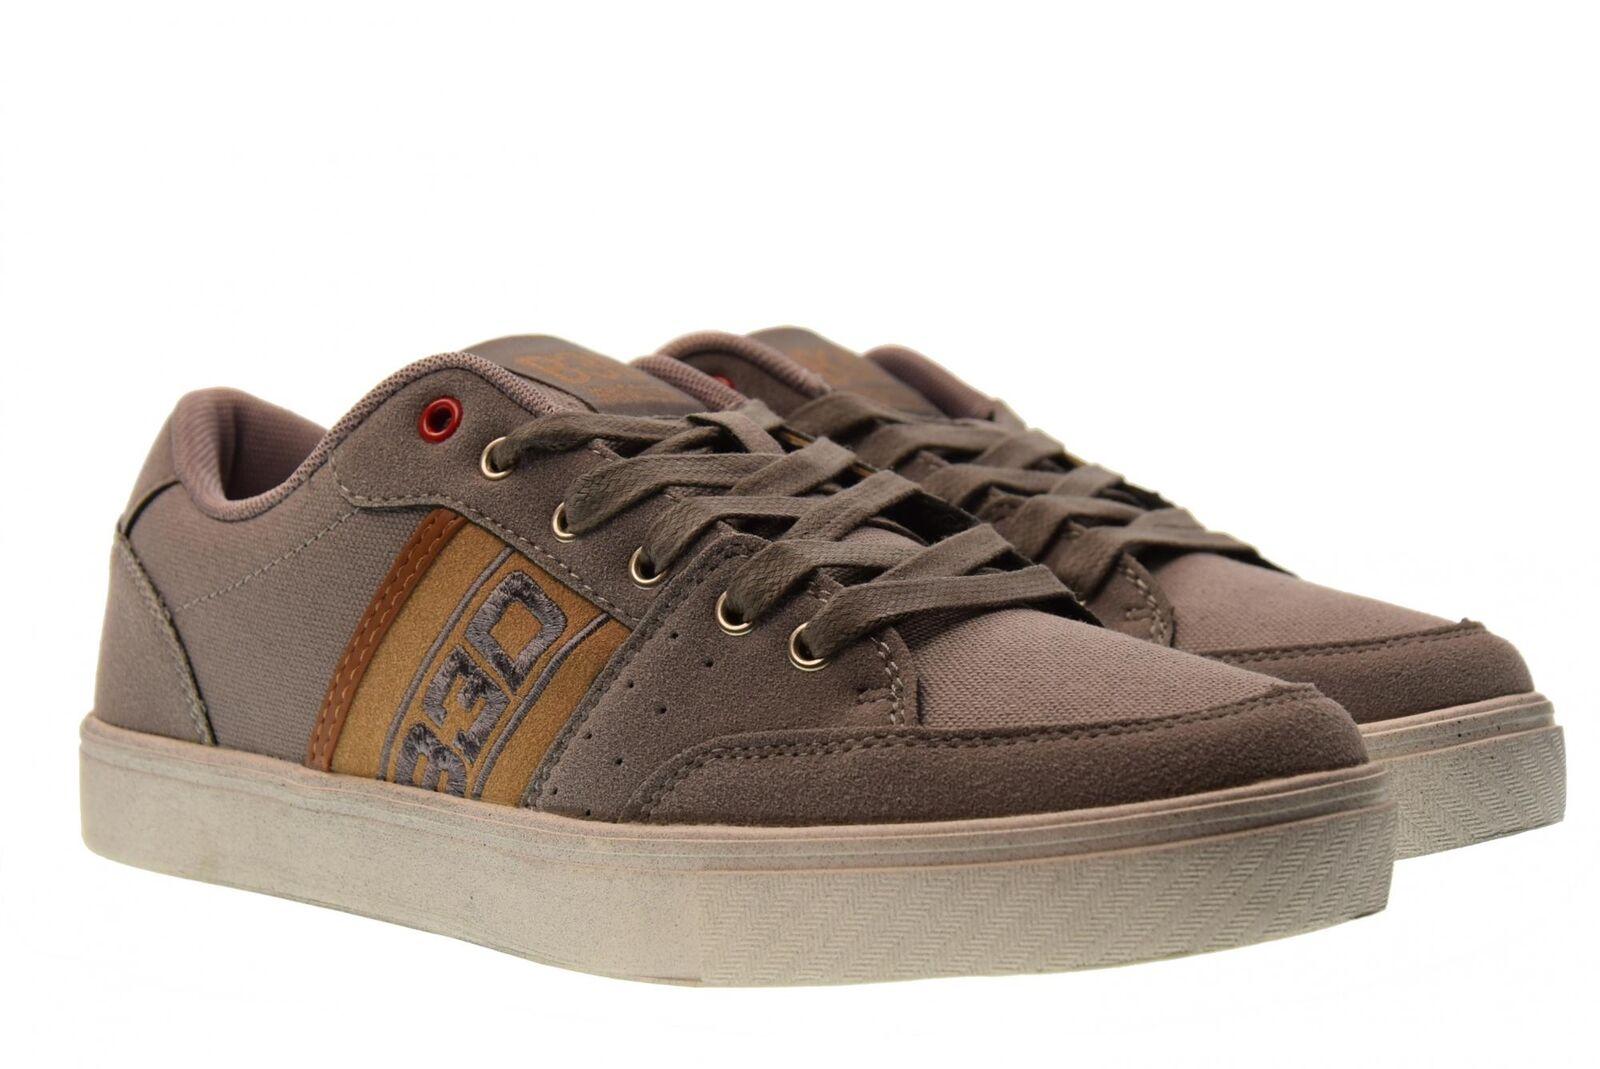 B3D bajas Shoes zapatos hombres zapatillas bajas B3D 40182 GREY P18s a27ba8